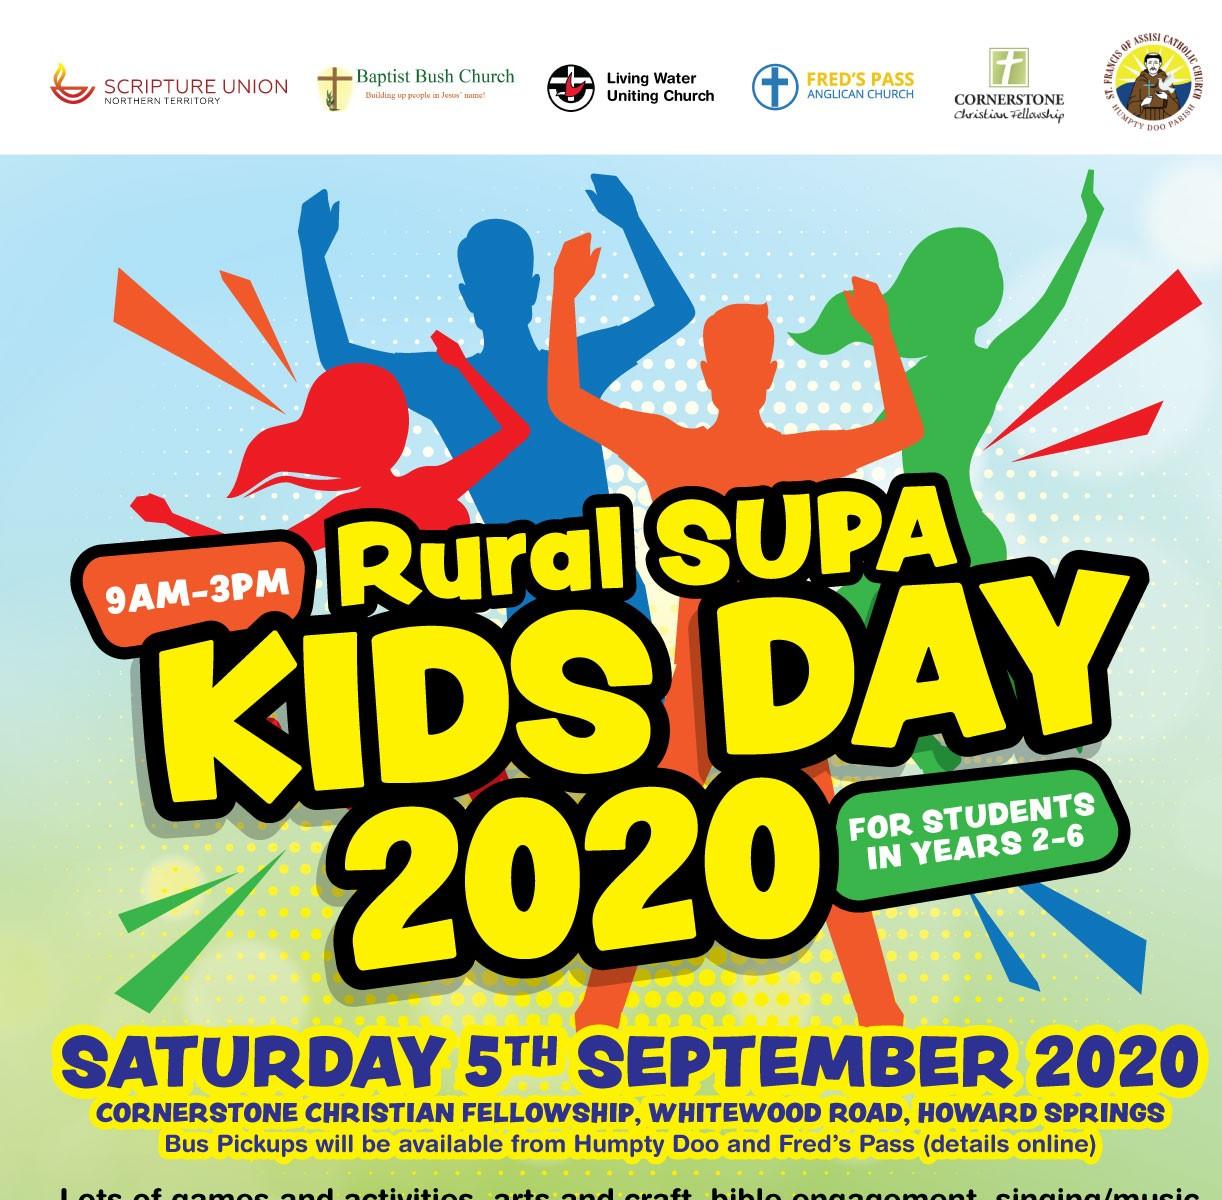 2020 Rural SUPA Kids Day